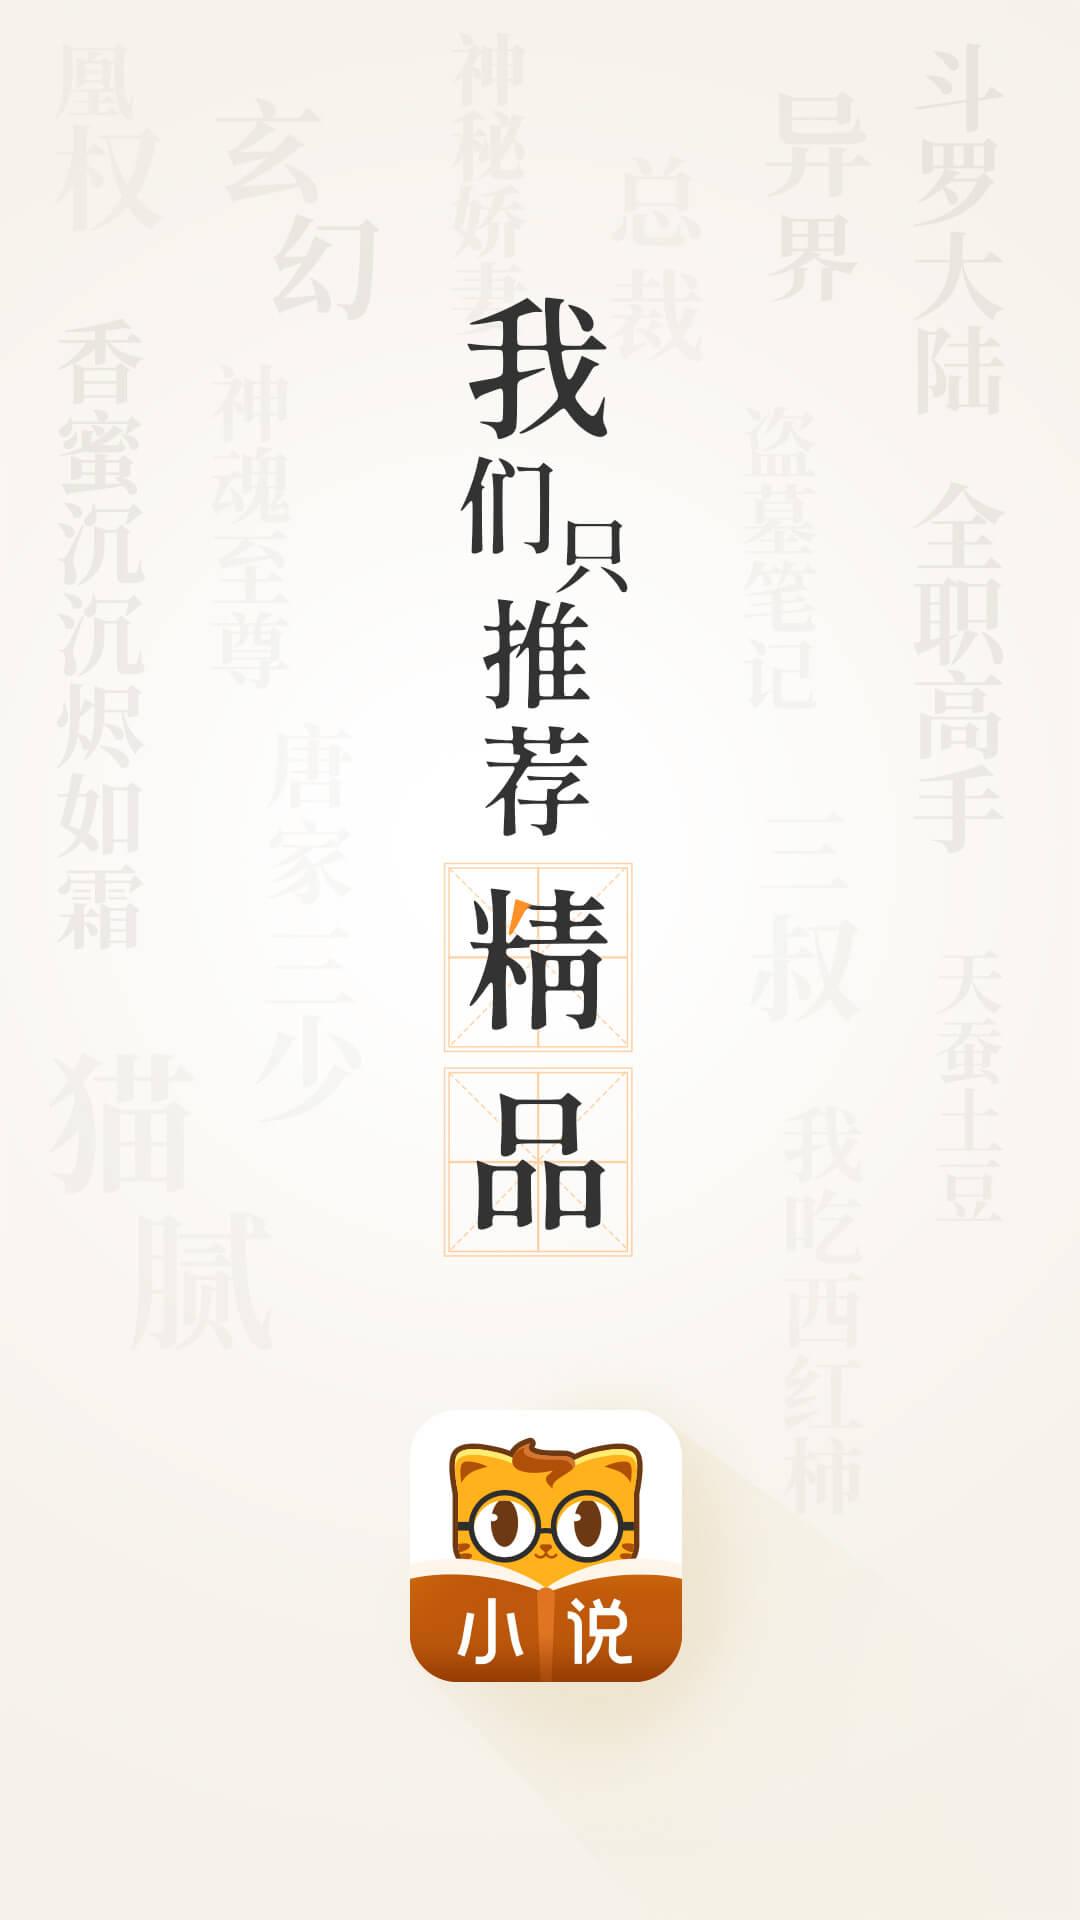 校园小说_七猫精品小说免费下载_华为应用市场|七猫精品小说安卓版(5.7.8)下载